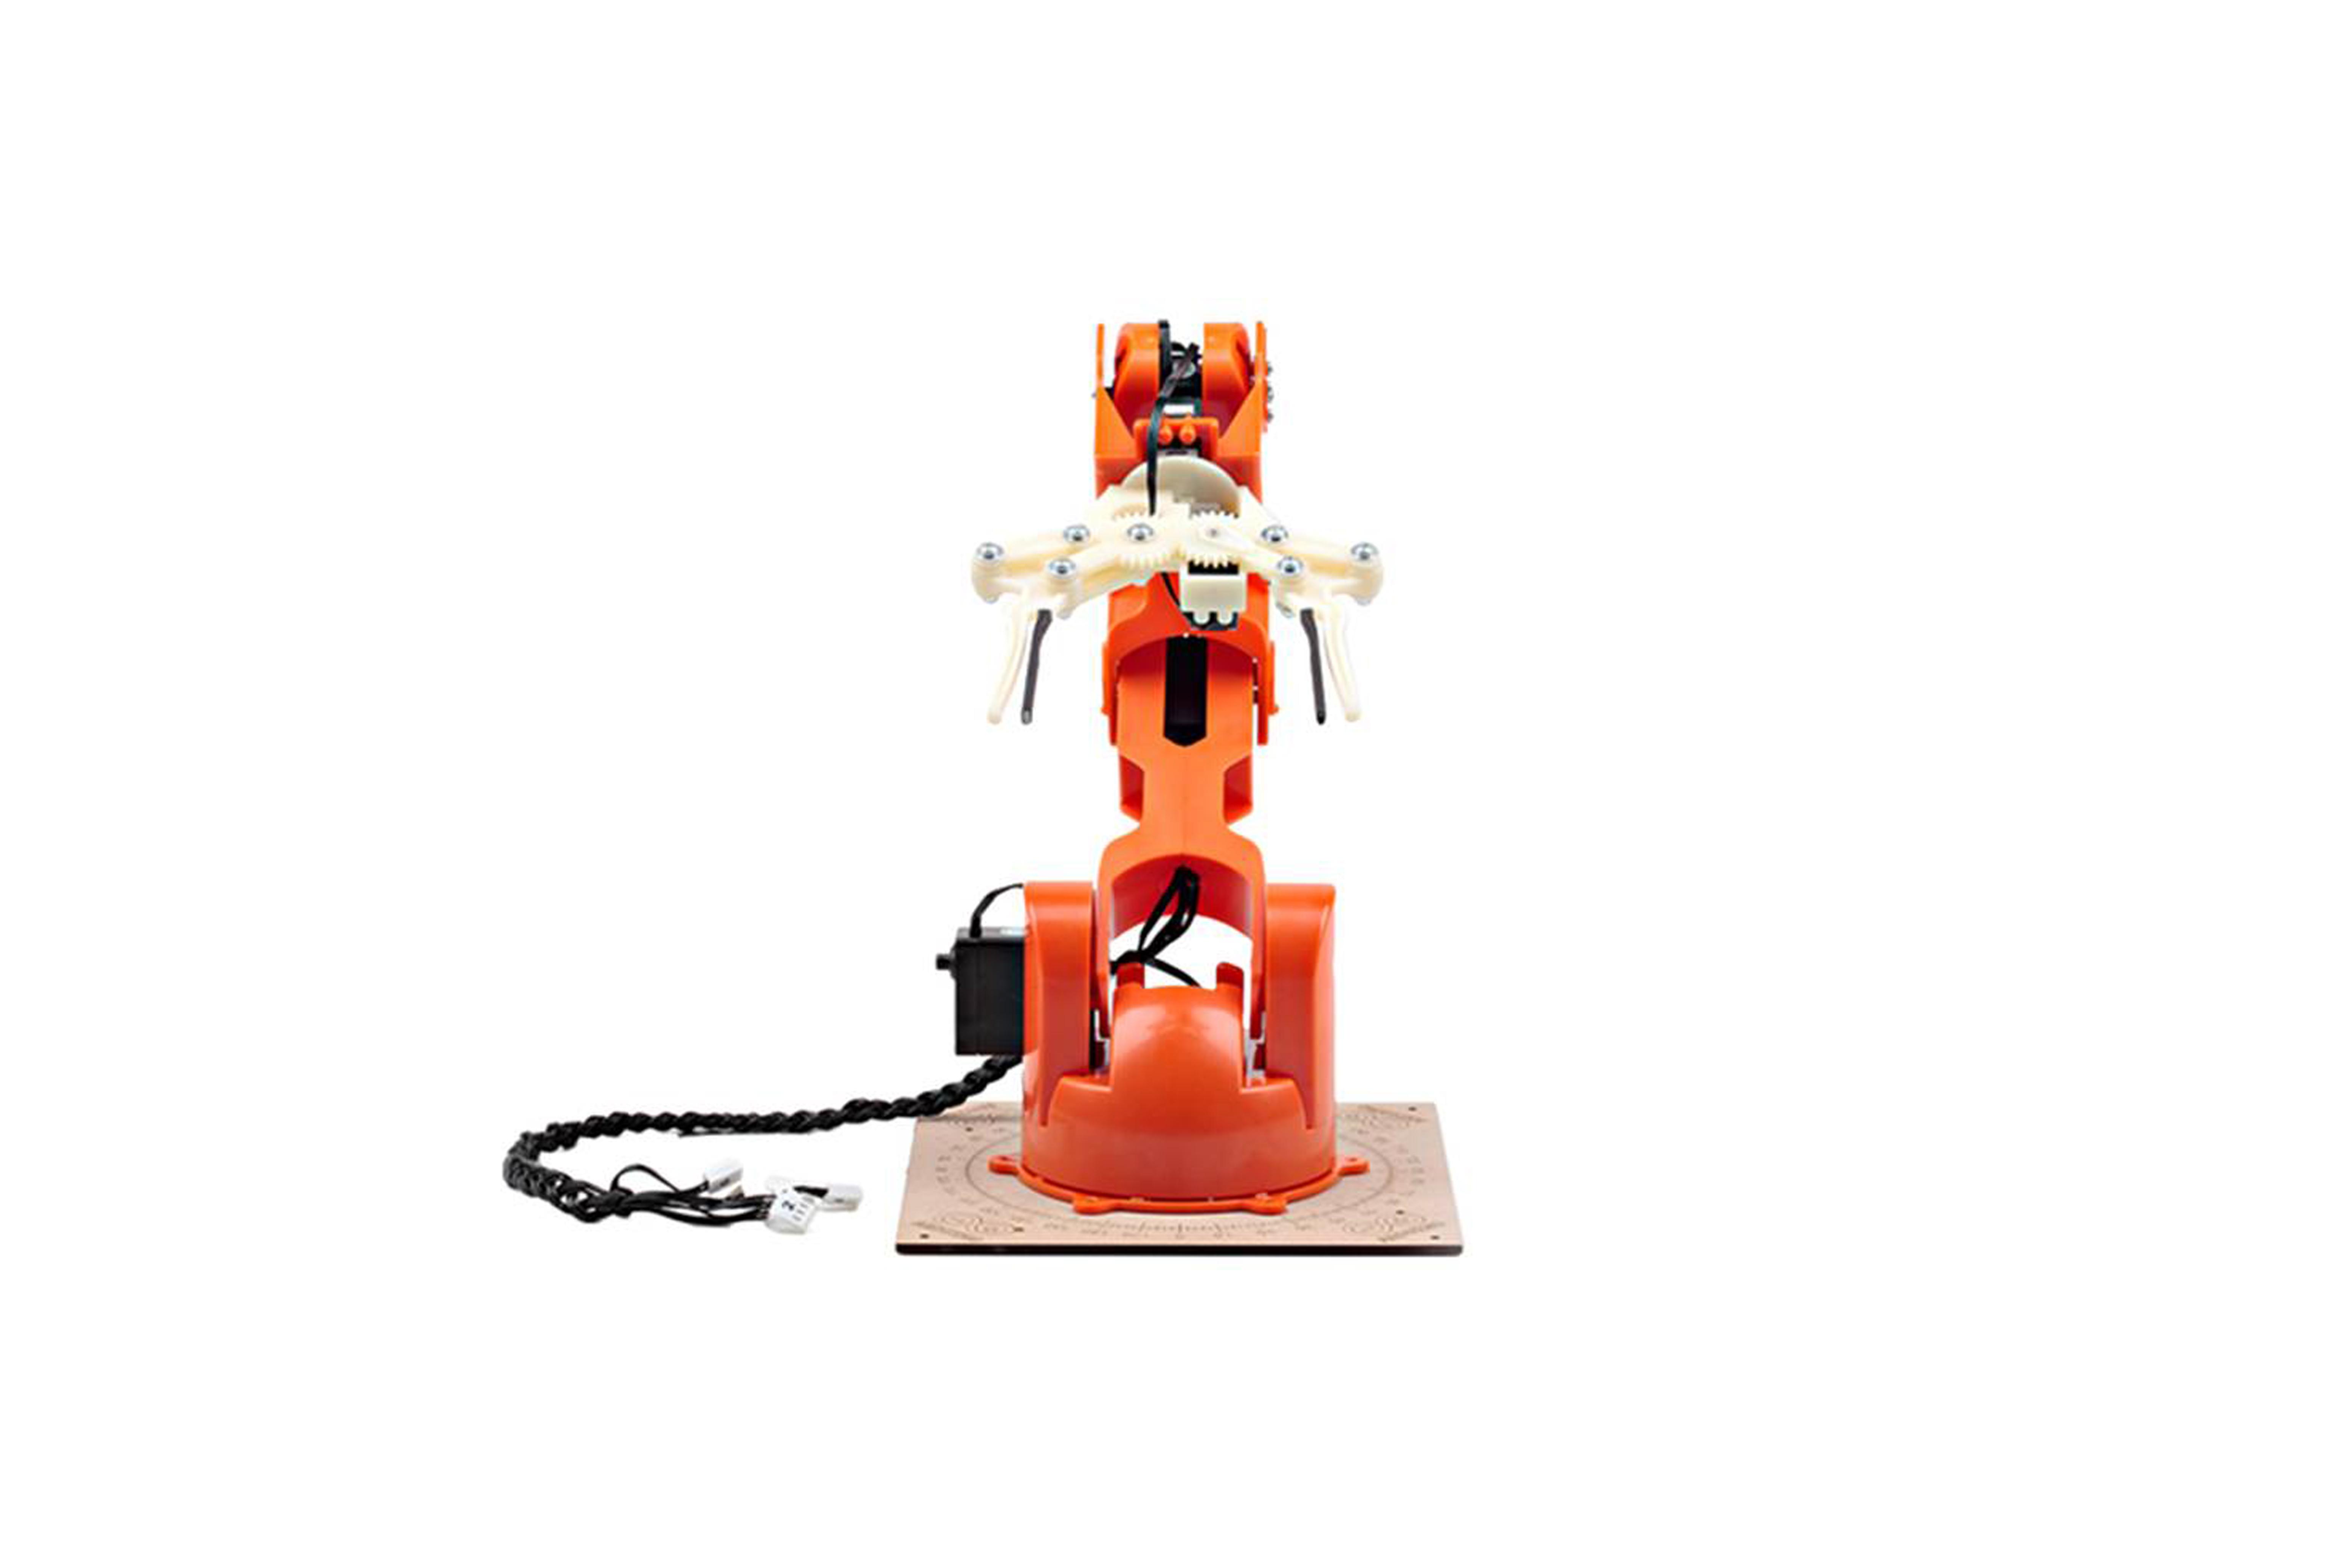 Tinkerkit Braccio Arduino Braccio robotico